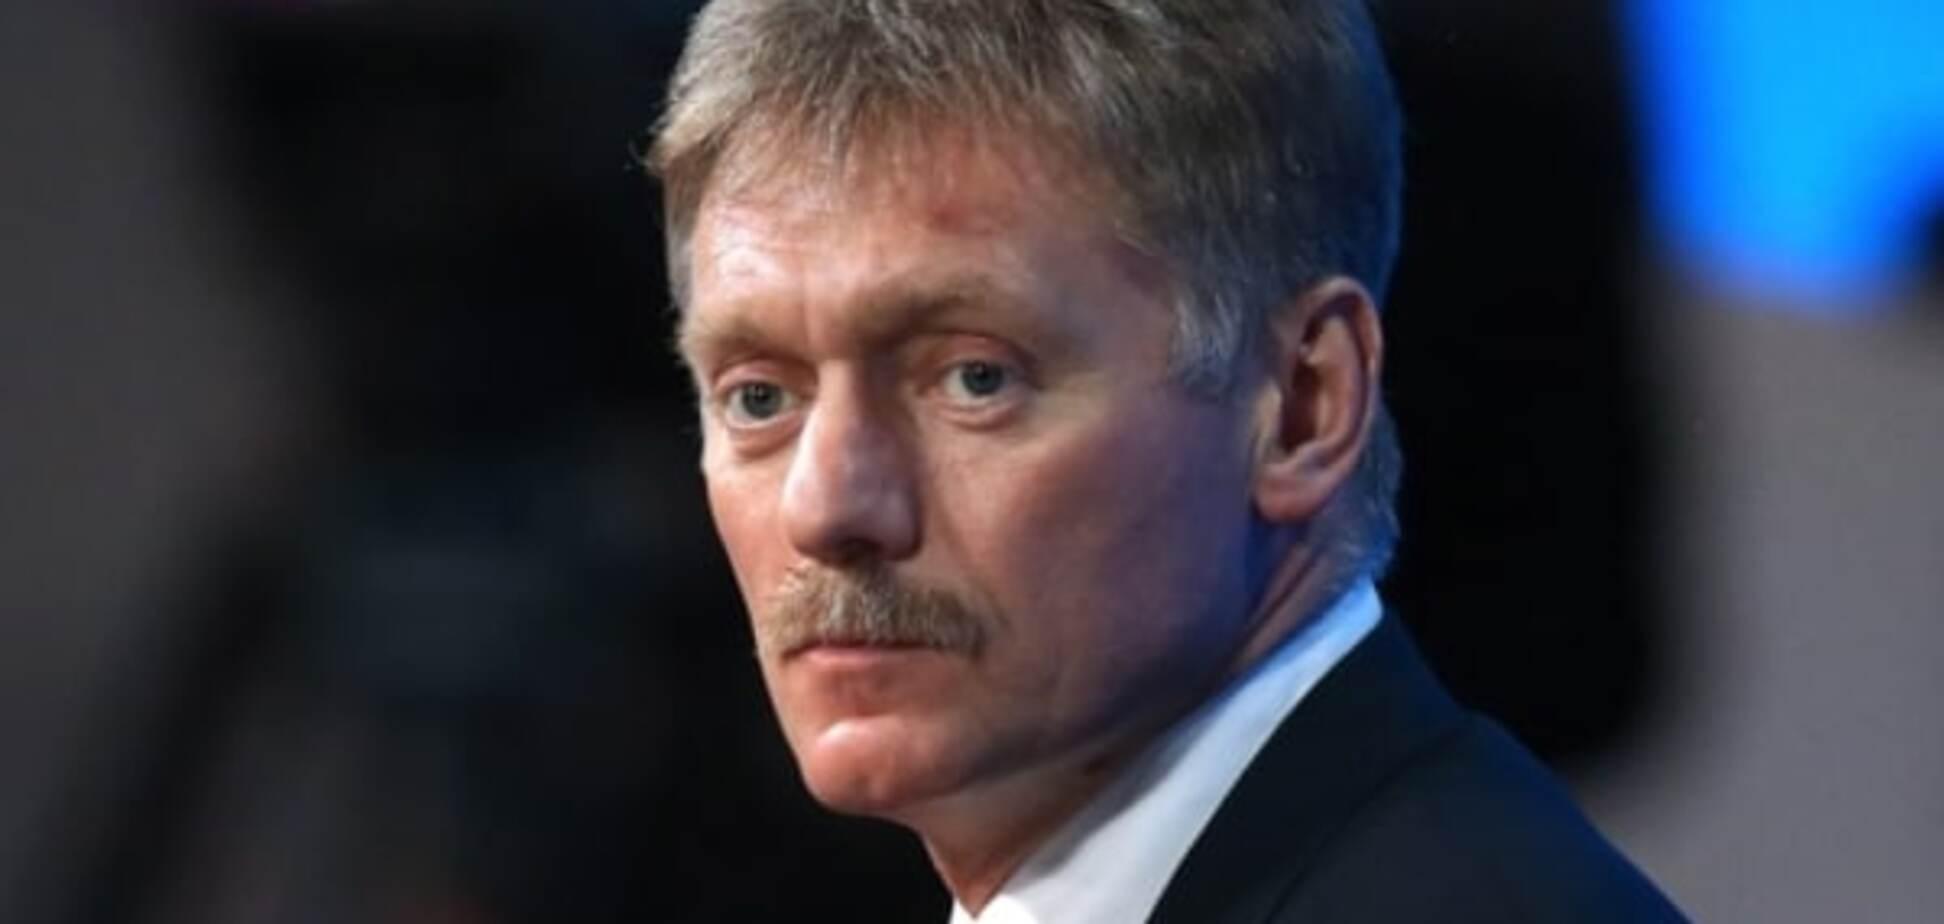 Пєсков відповів, чи пов'язане падіння А321 з участю Росії в сирійському конфлікті